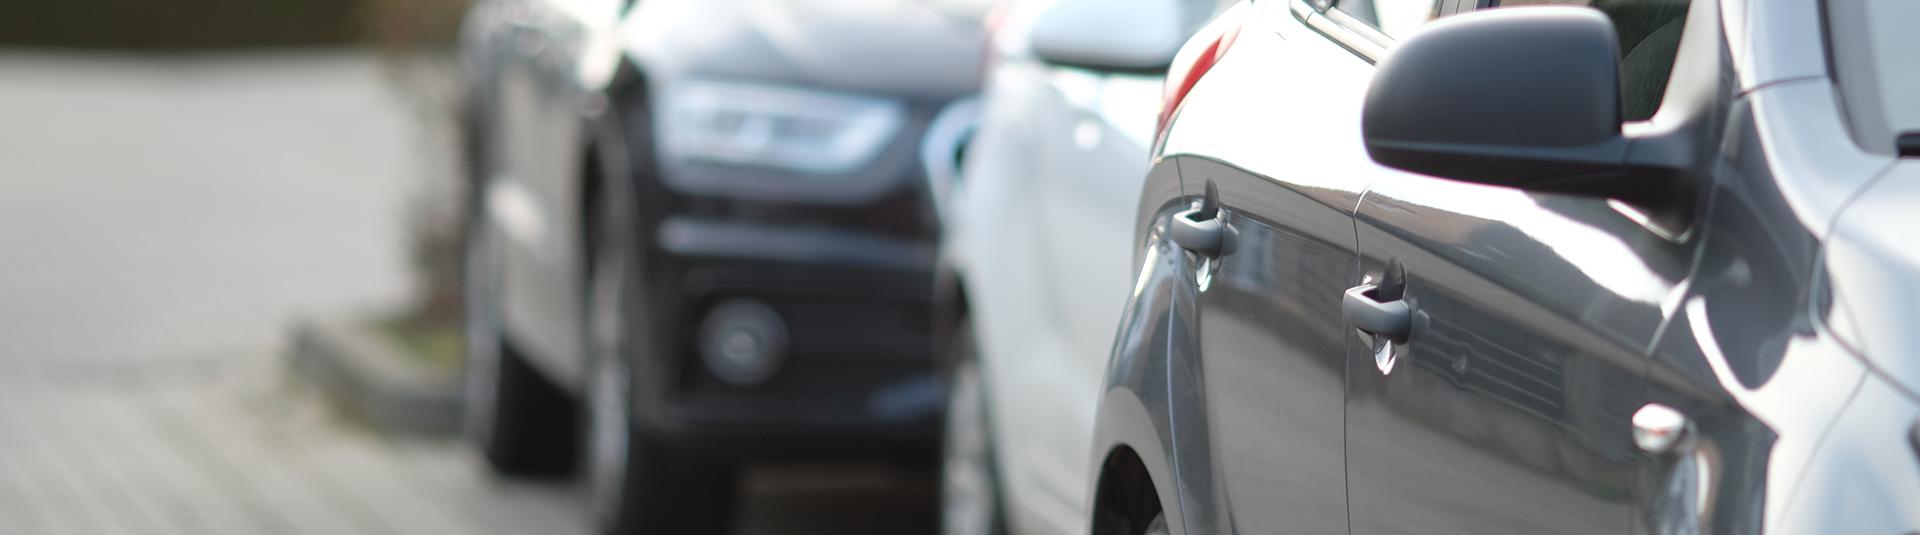 Suspensão do pagamento de estacionamento em Fevereiro